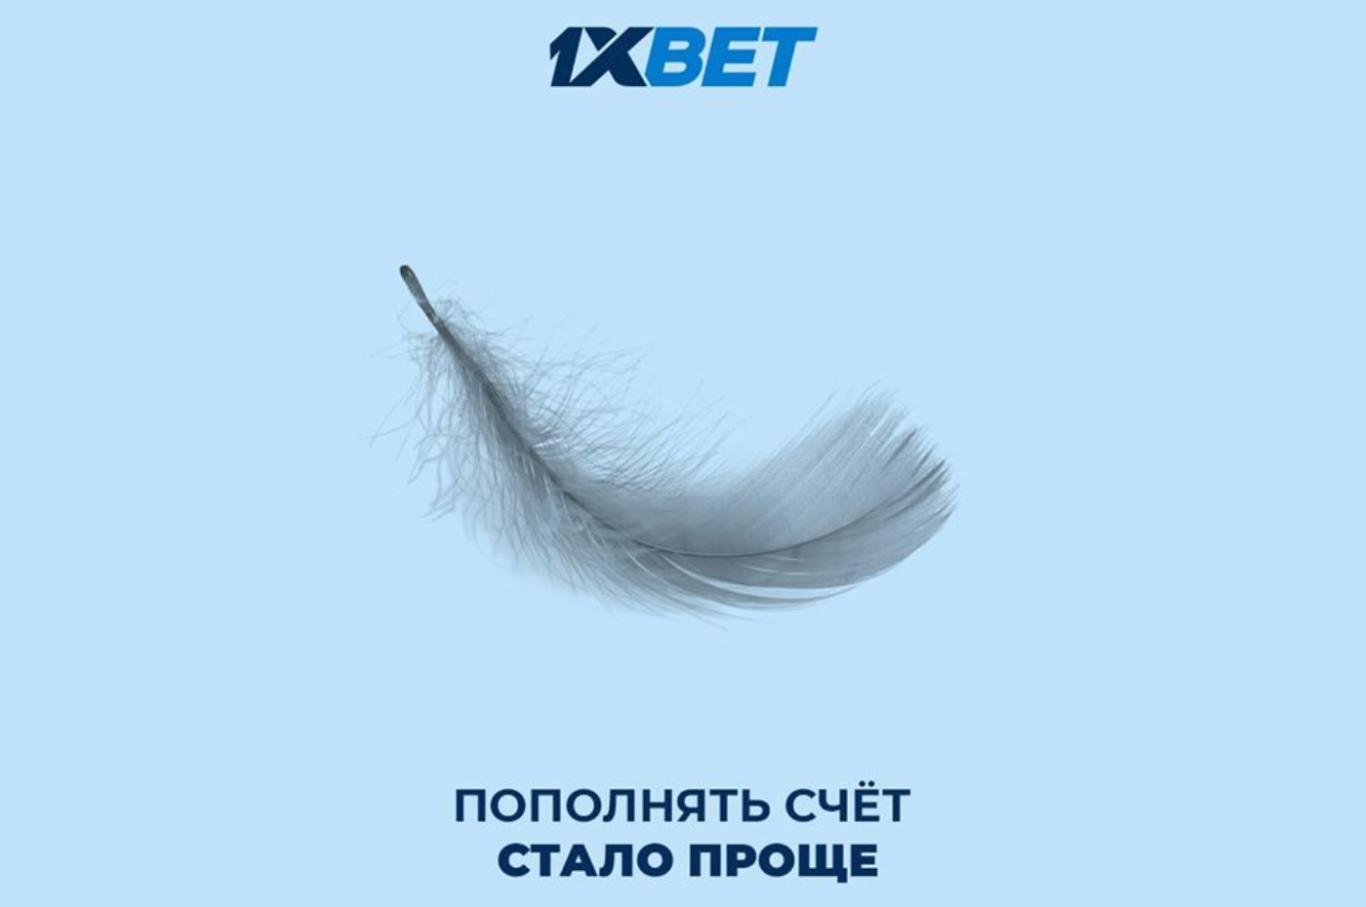 Скачать приложение 1xBet